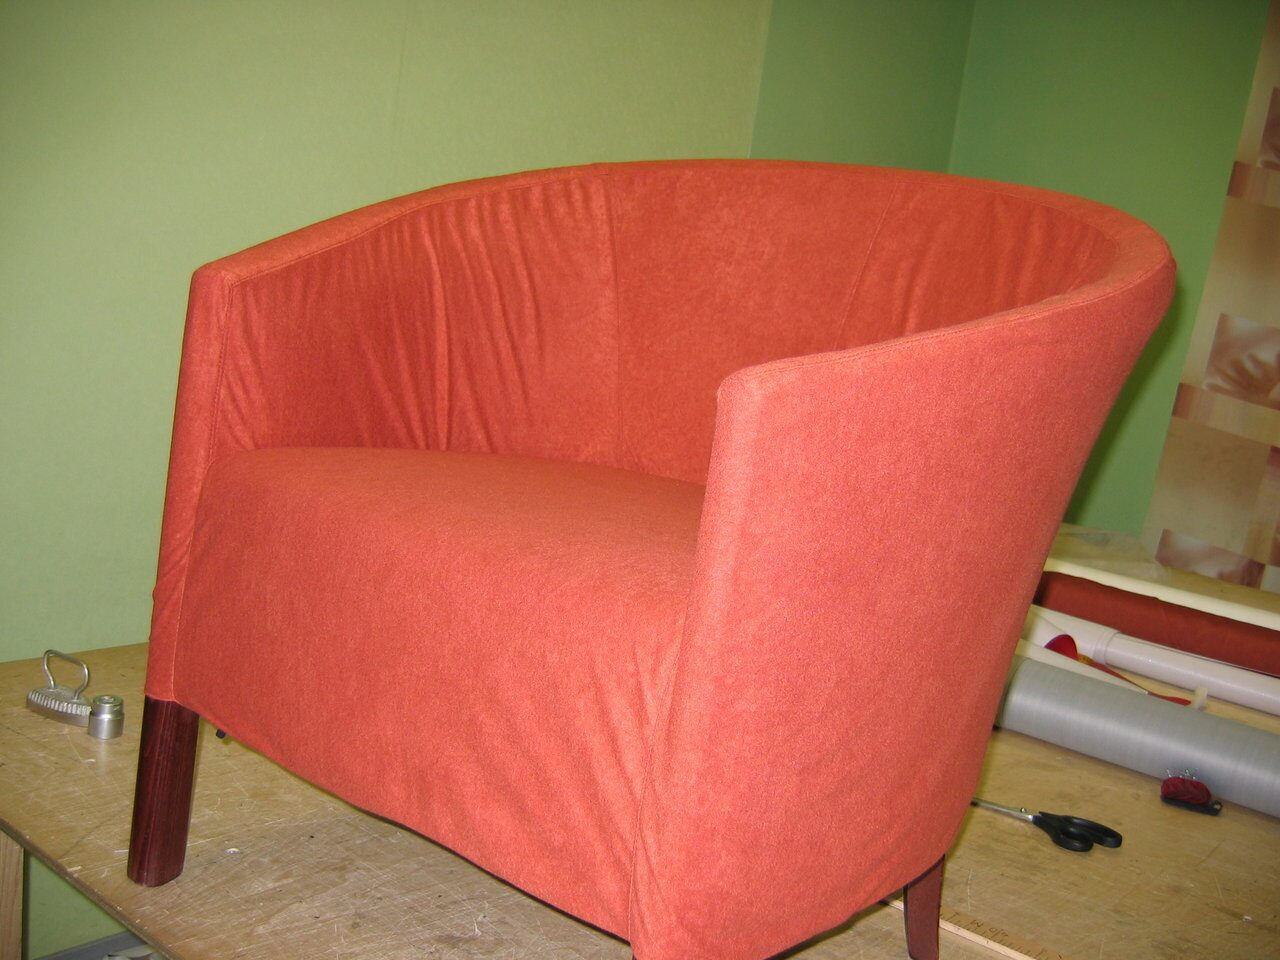 Обтянуть стулья кожзамом своими руками